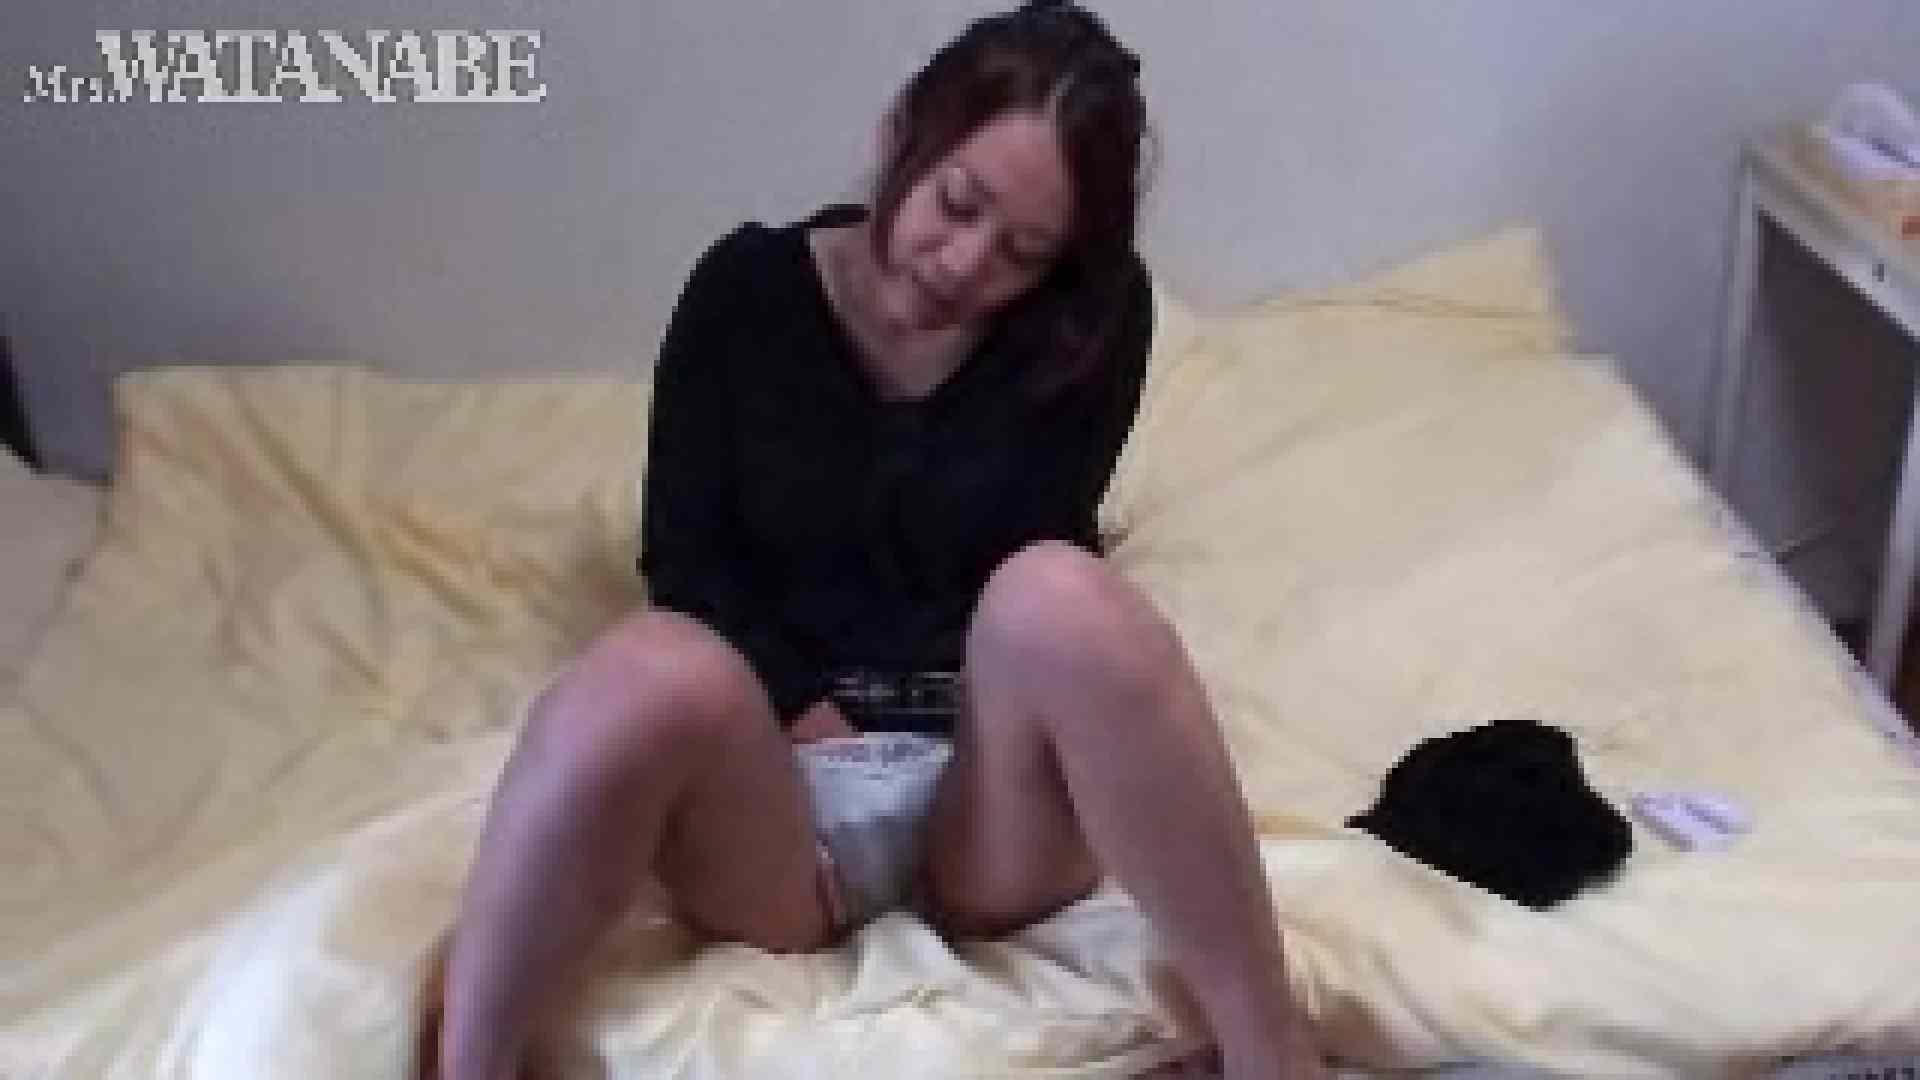 SNSで出会った人妻をハメ撮りしちゃいます 2回目 前編 投稿 | 人妻エロ映像  105pic 85